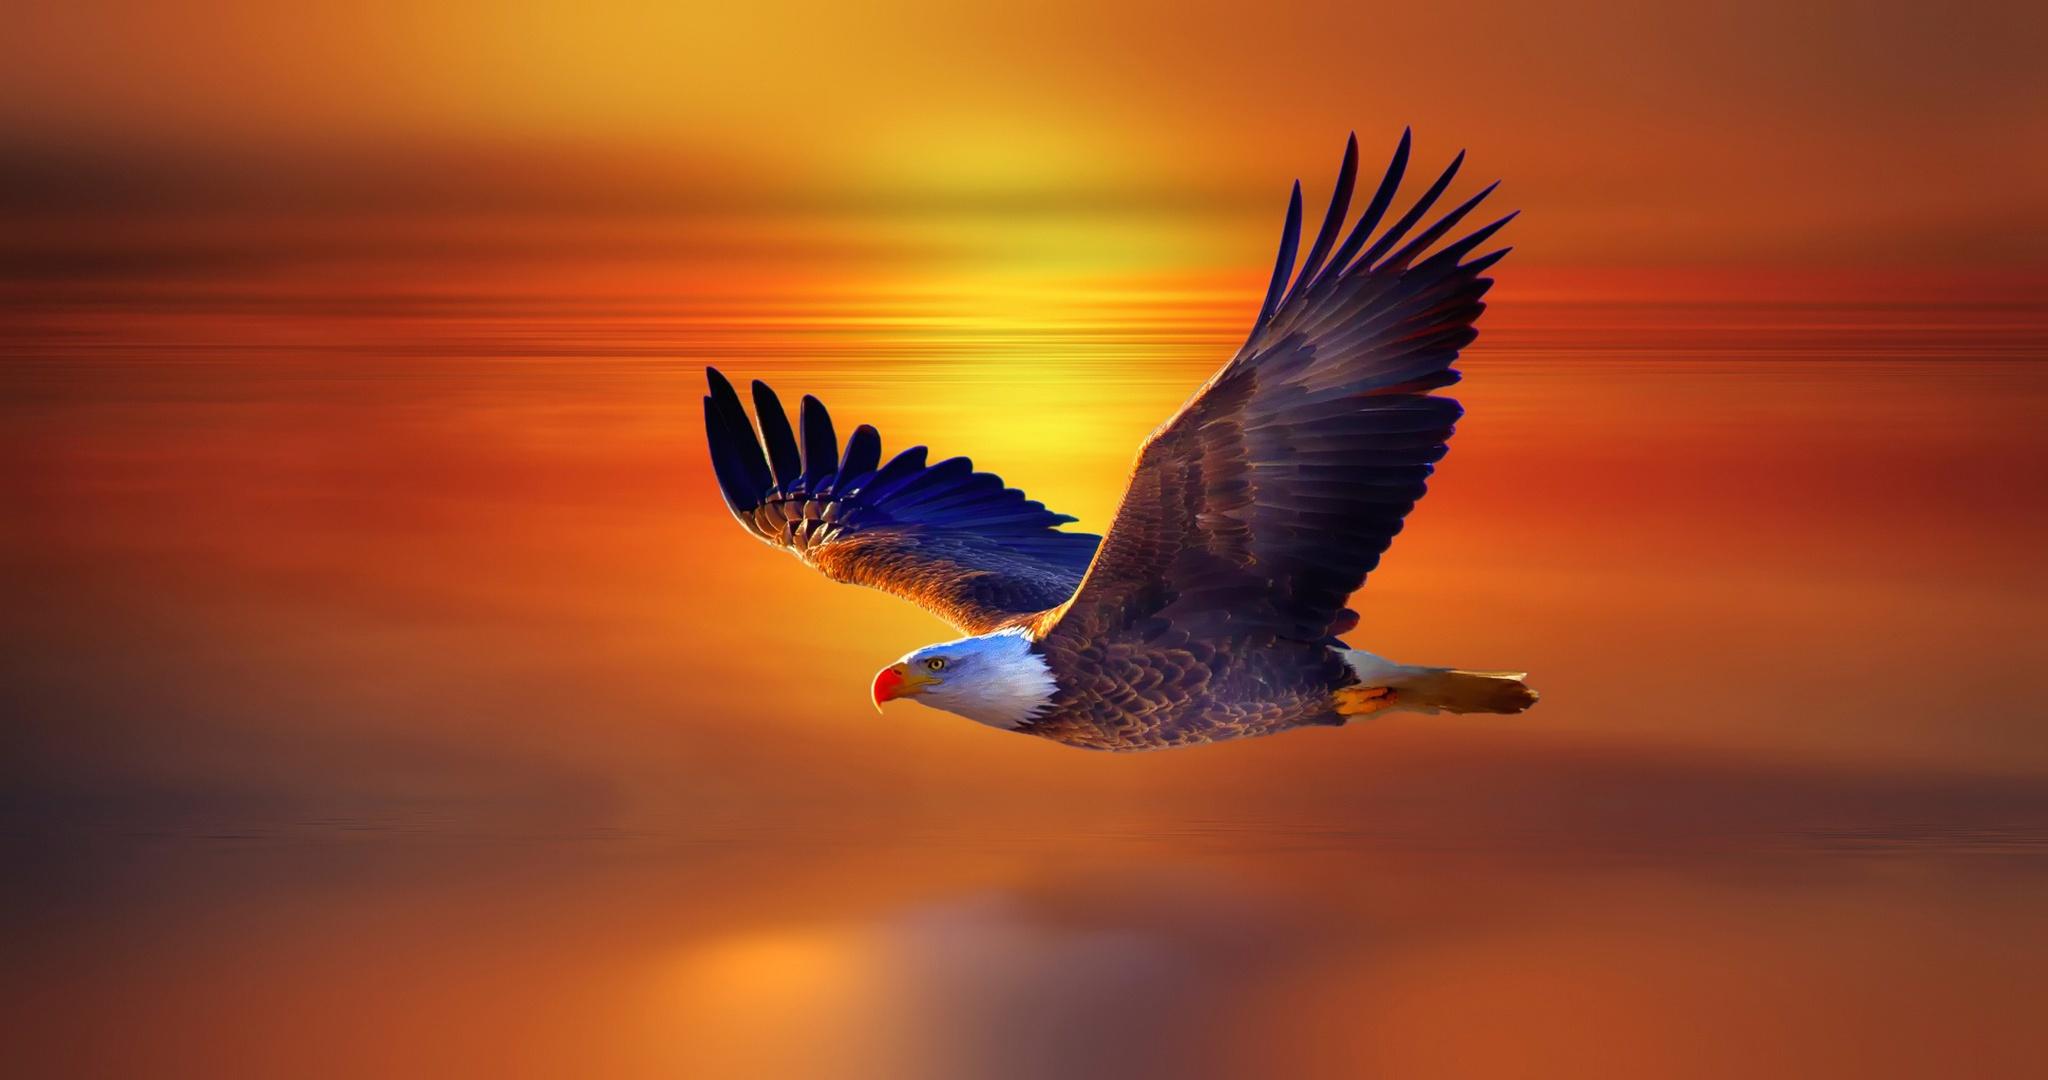 Flying adler photo